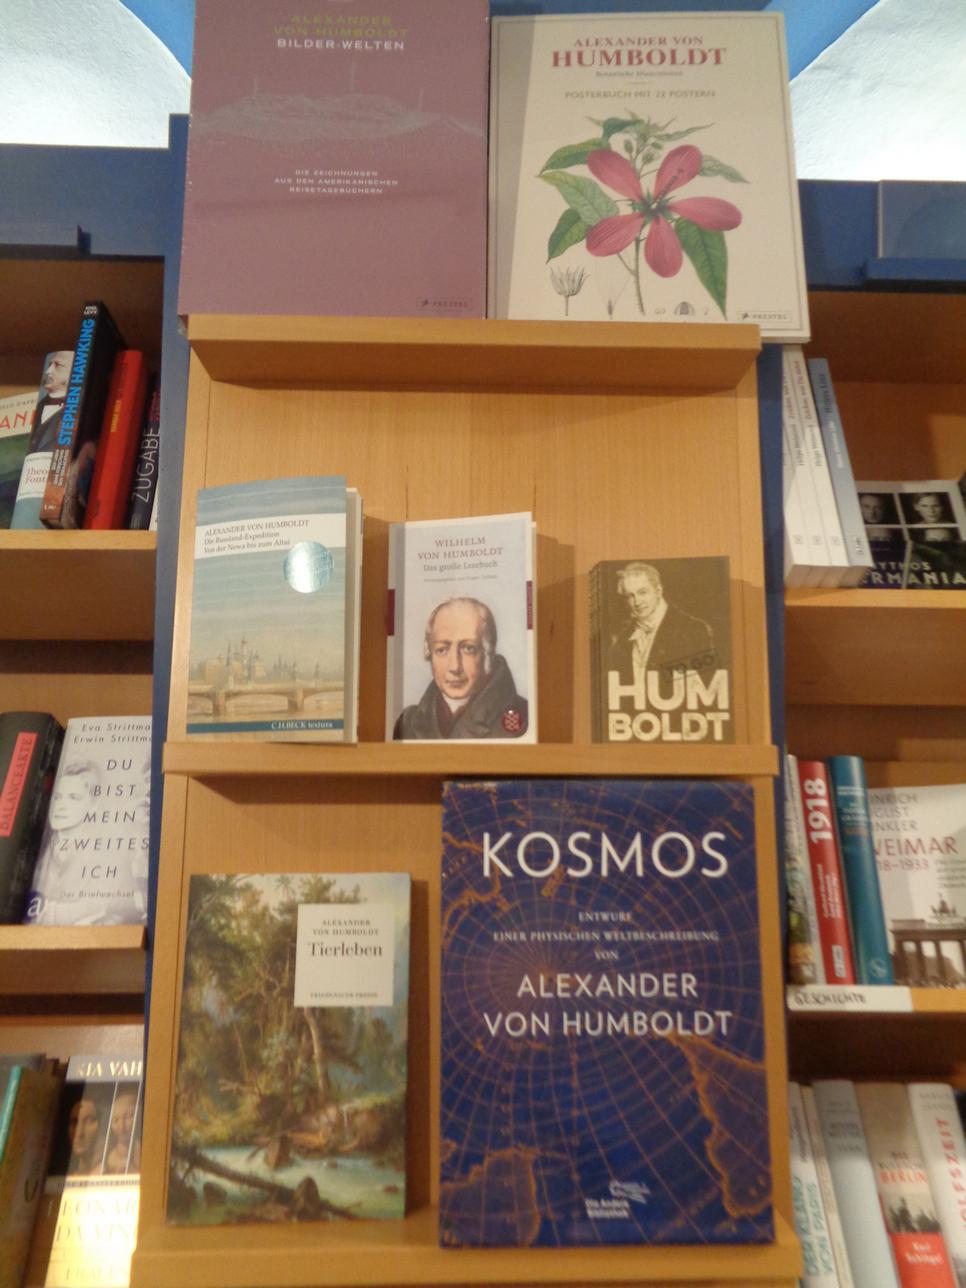 Рис. 3. Книги к юбилею А. Гумбольдта (магазин в Музее естествознания в Берлине)